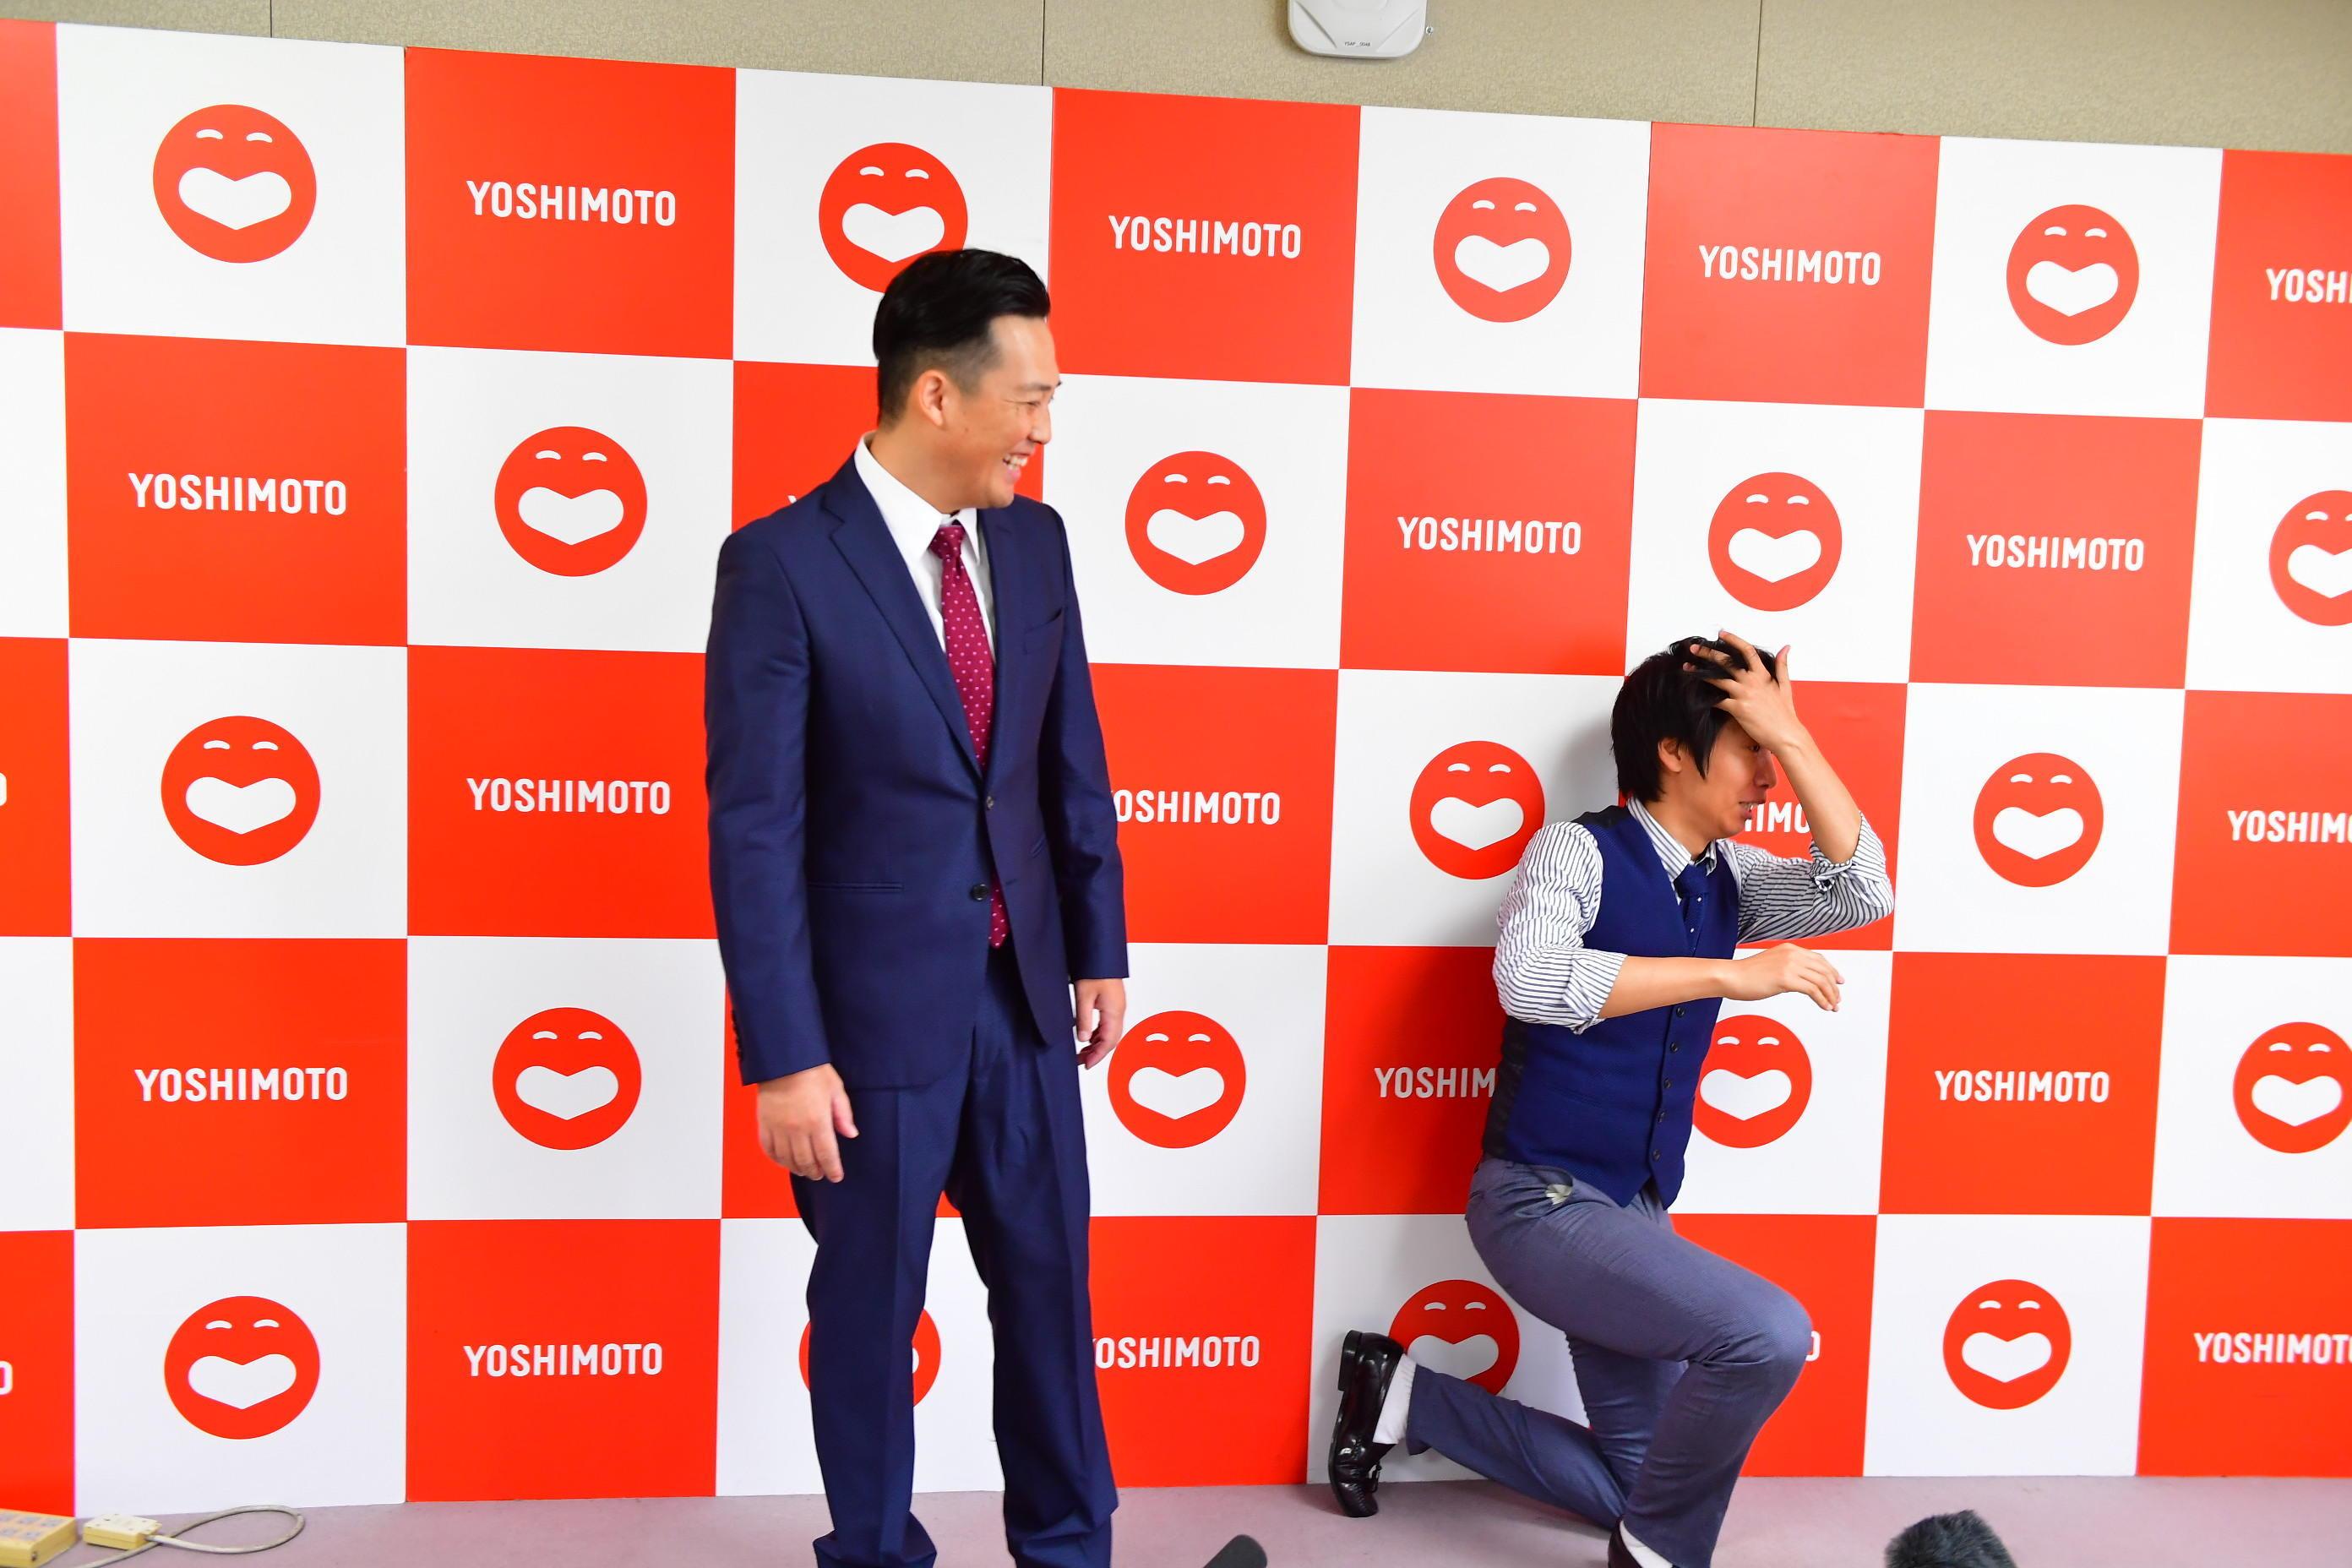 http://news.yoshimoto.co.jp/20171227162658-feb9914a9f6034083c7ea79daa5434684bde38ef.jpg